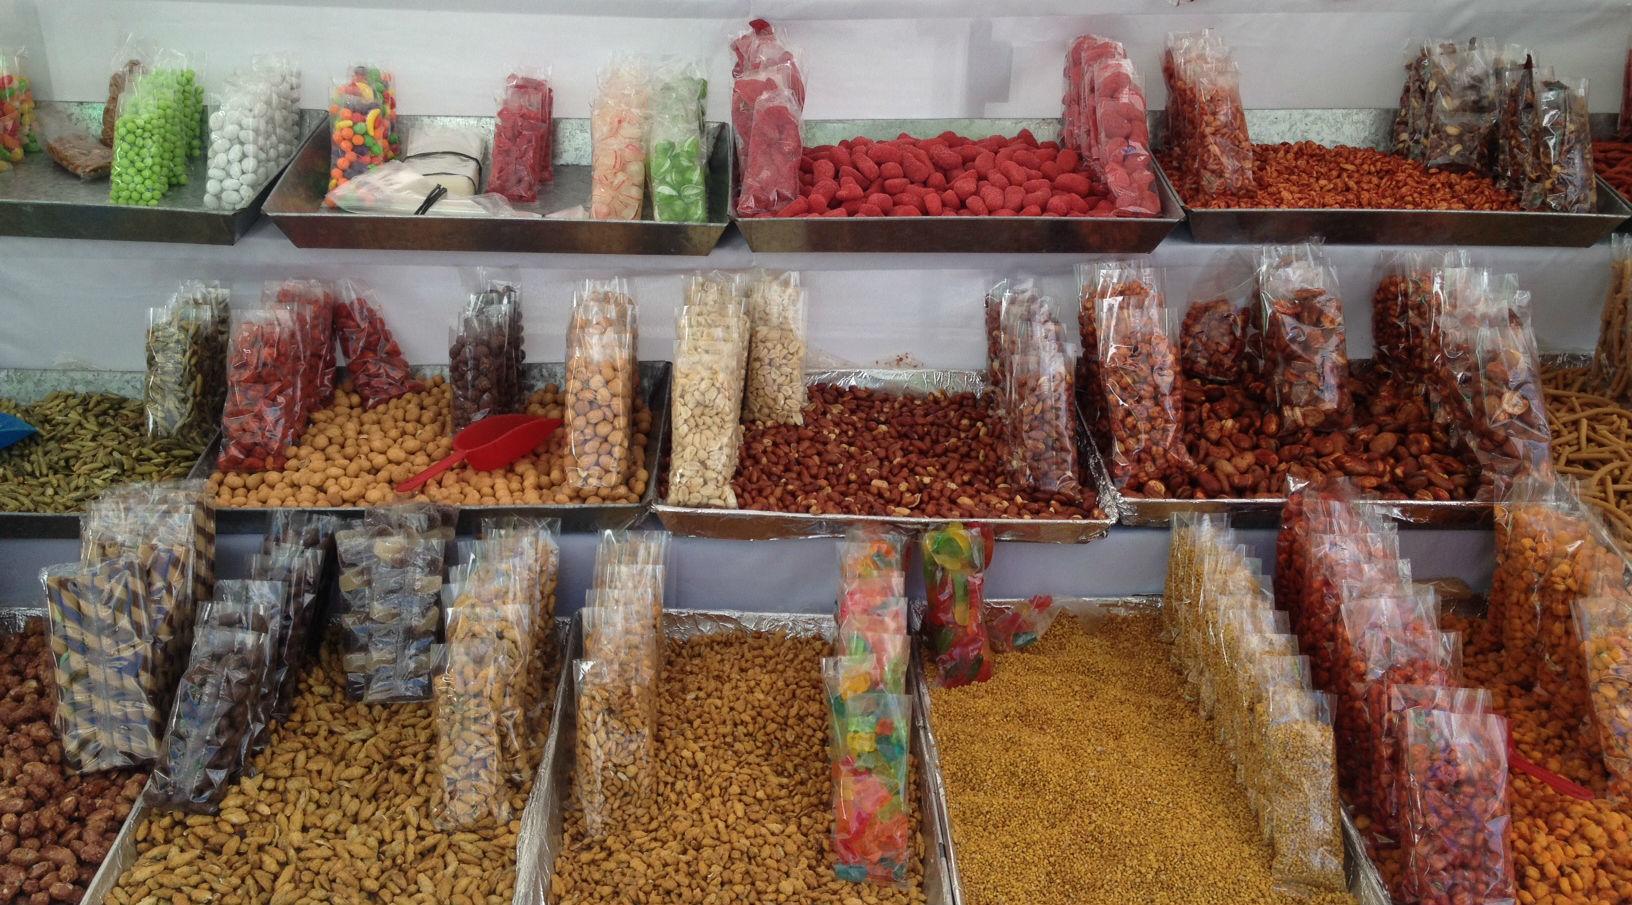 Dulces a granel (Foto: Time Out México)